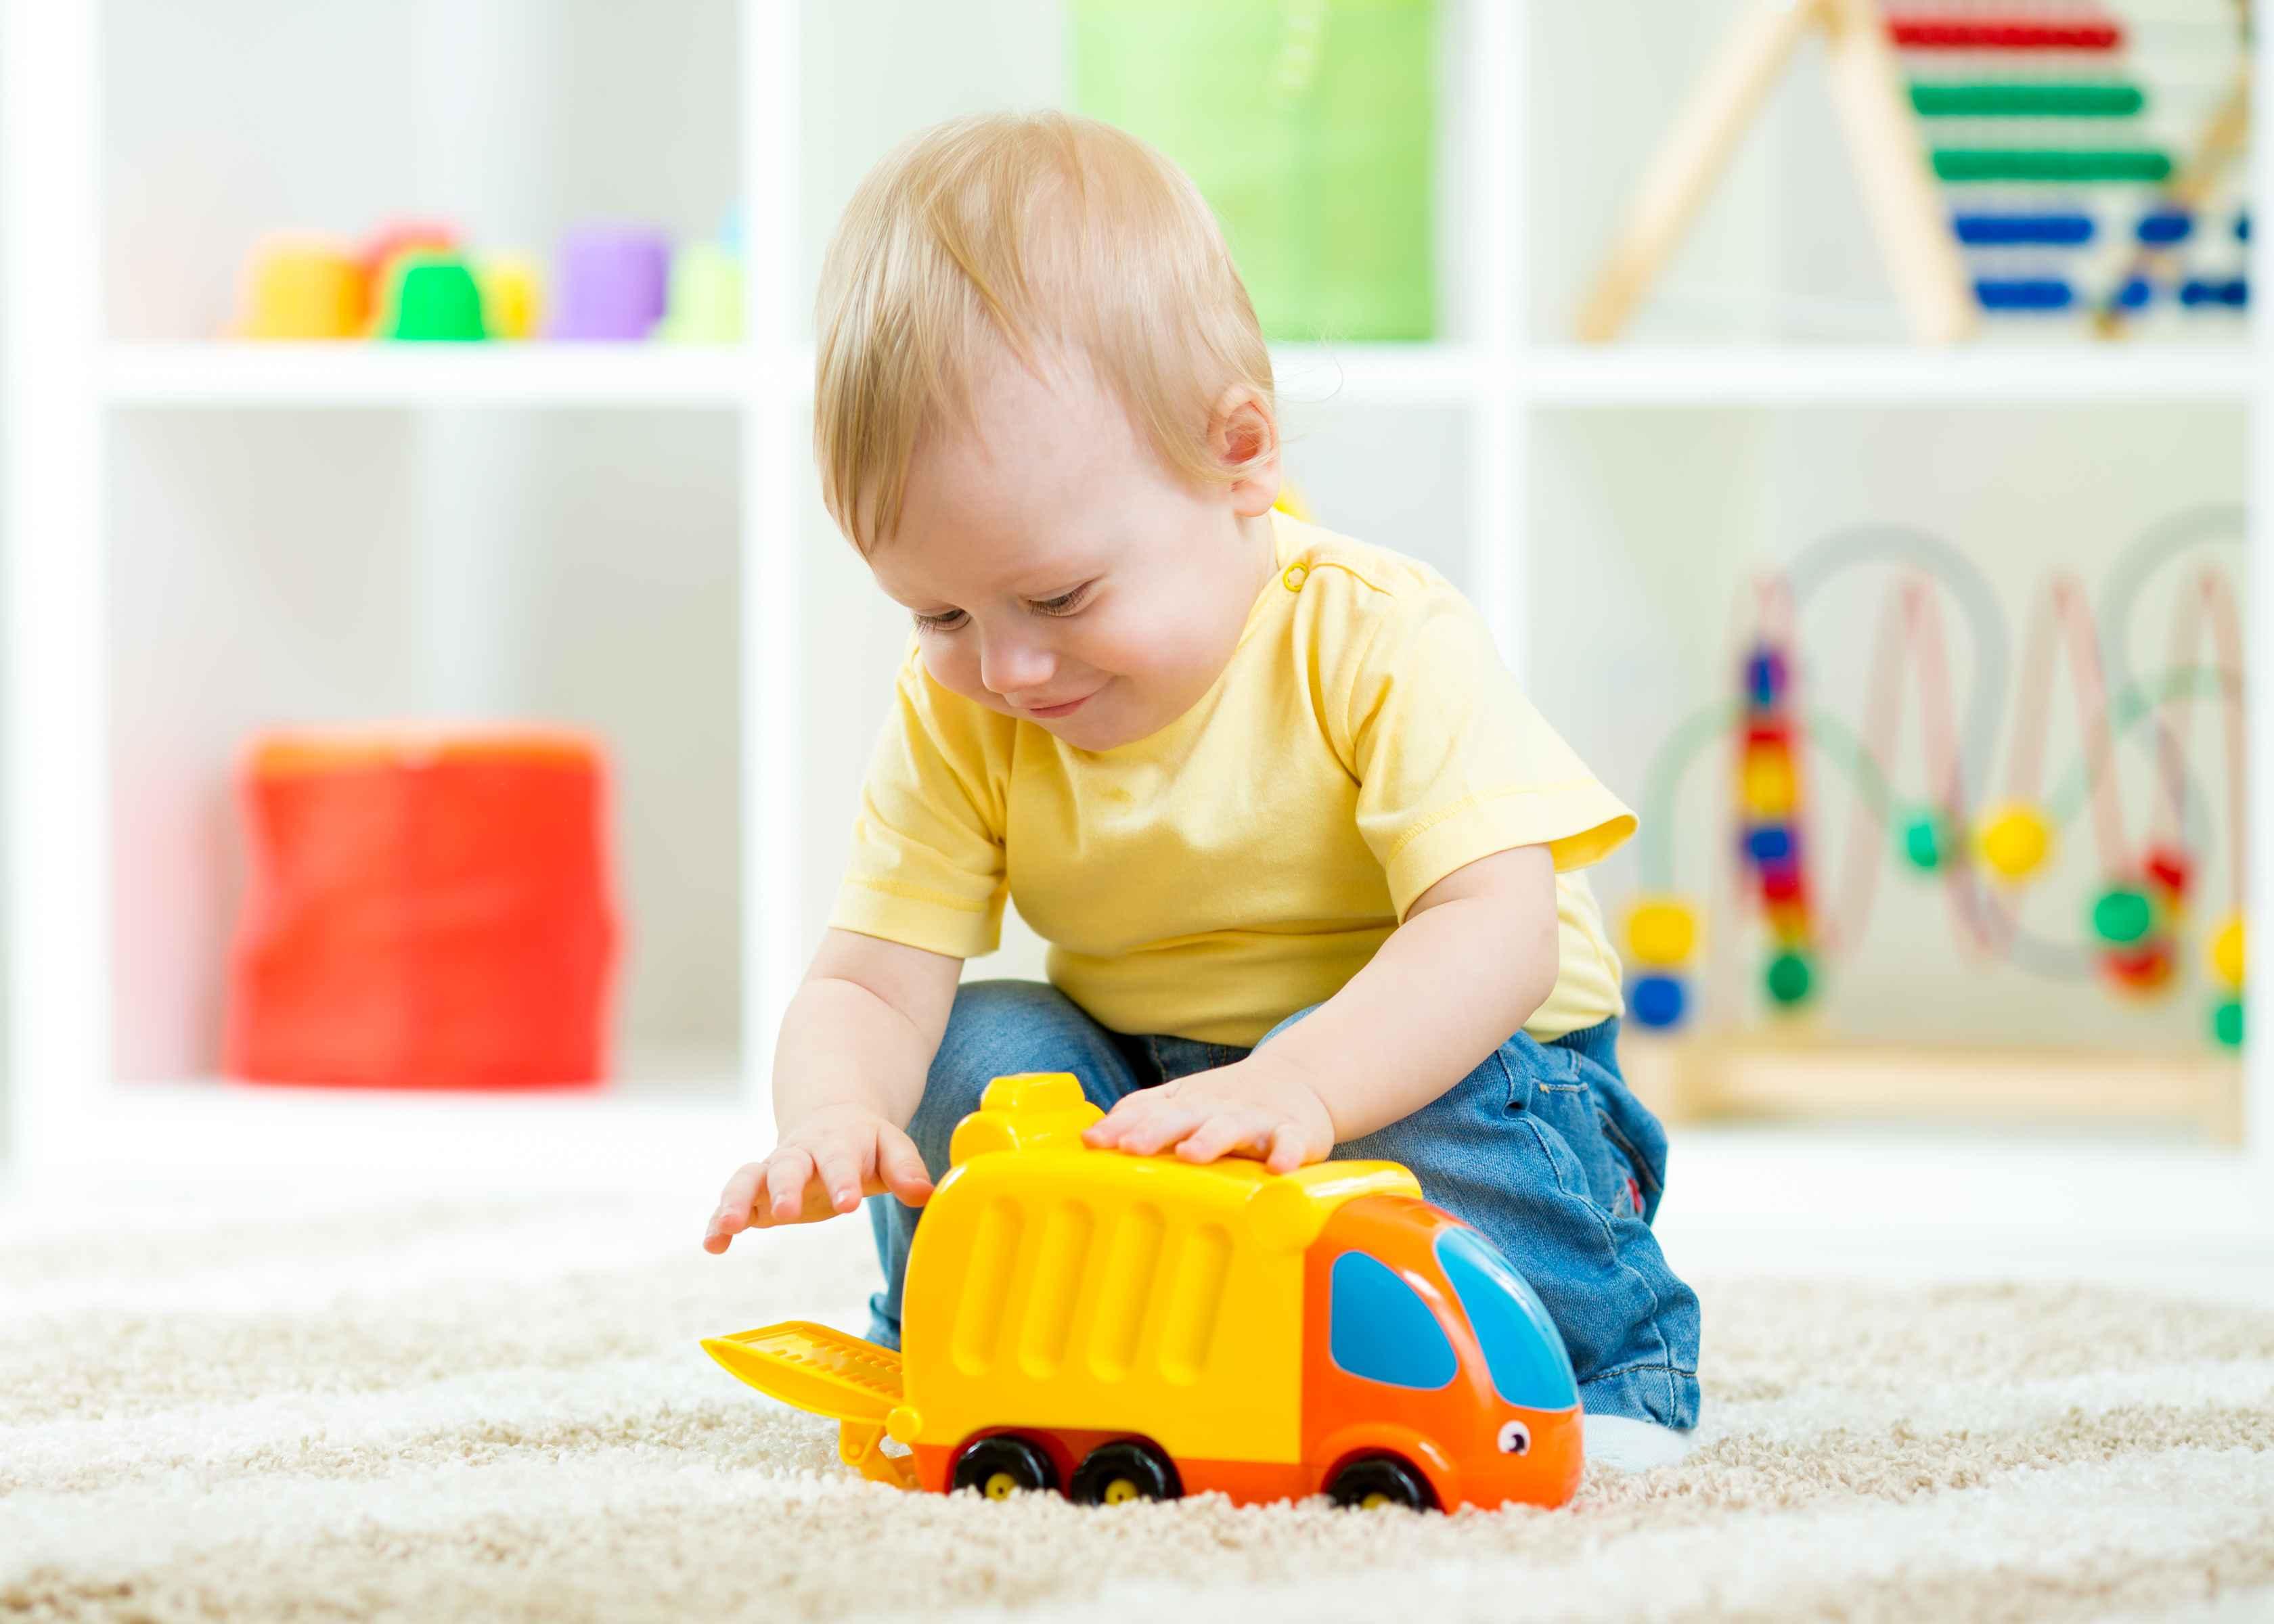 宝宝每个月长多少斤正常宝宝的体重怎么测量